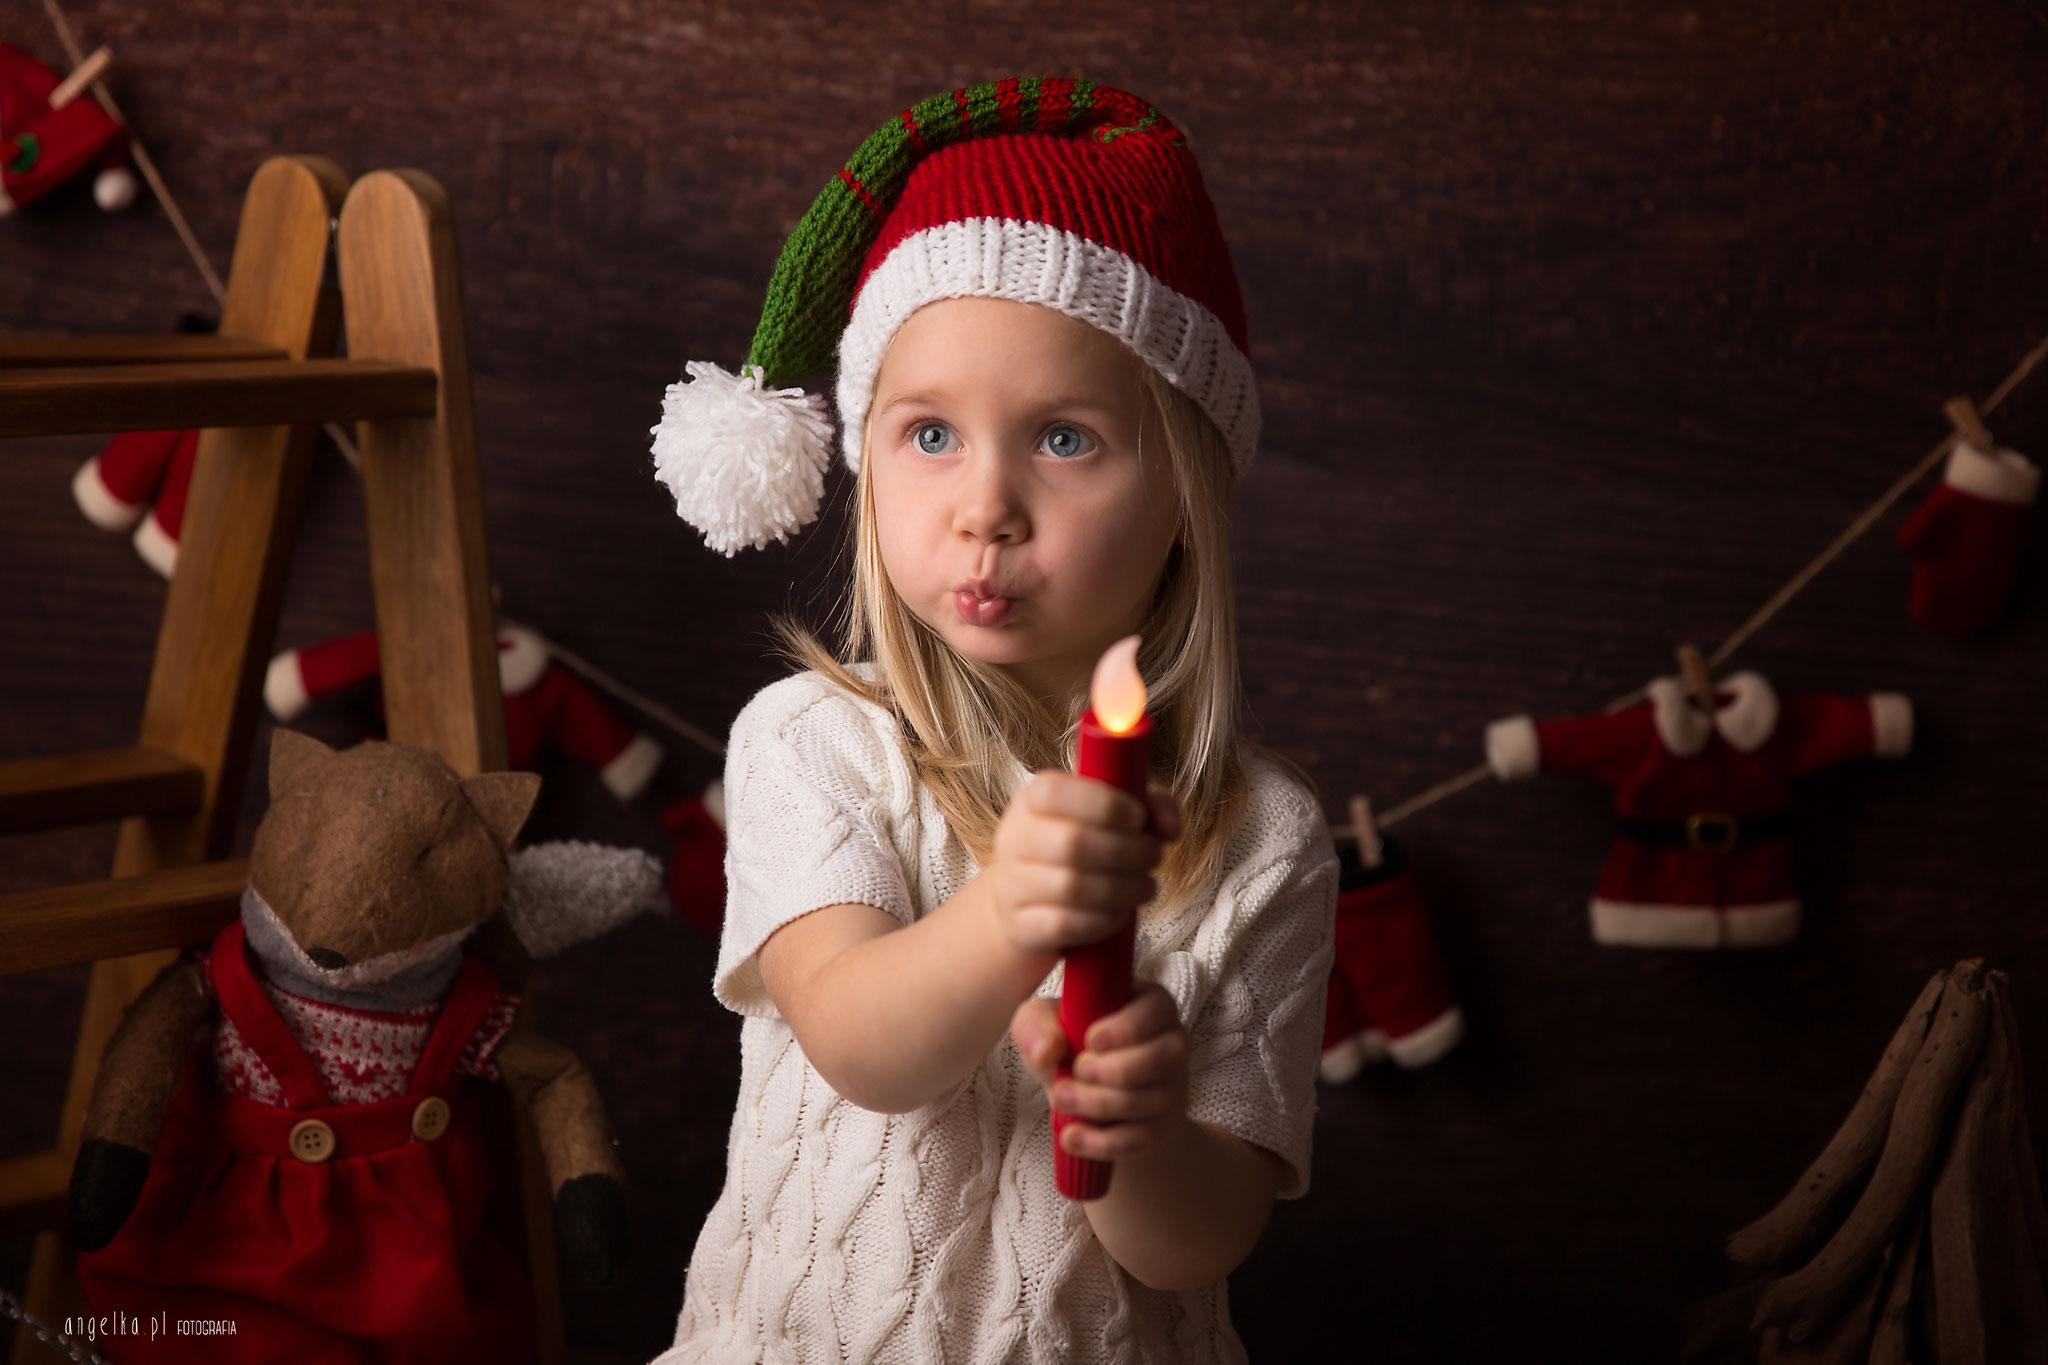 sesja dziecięca na święta warszawa